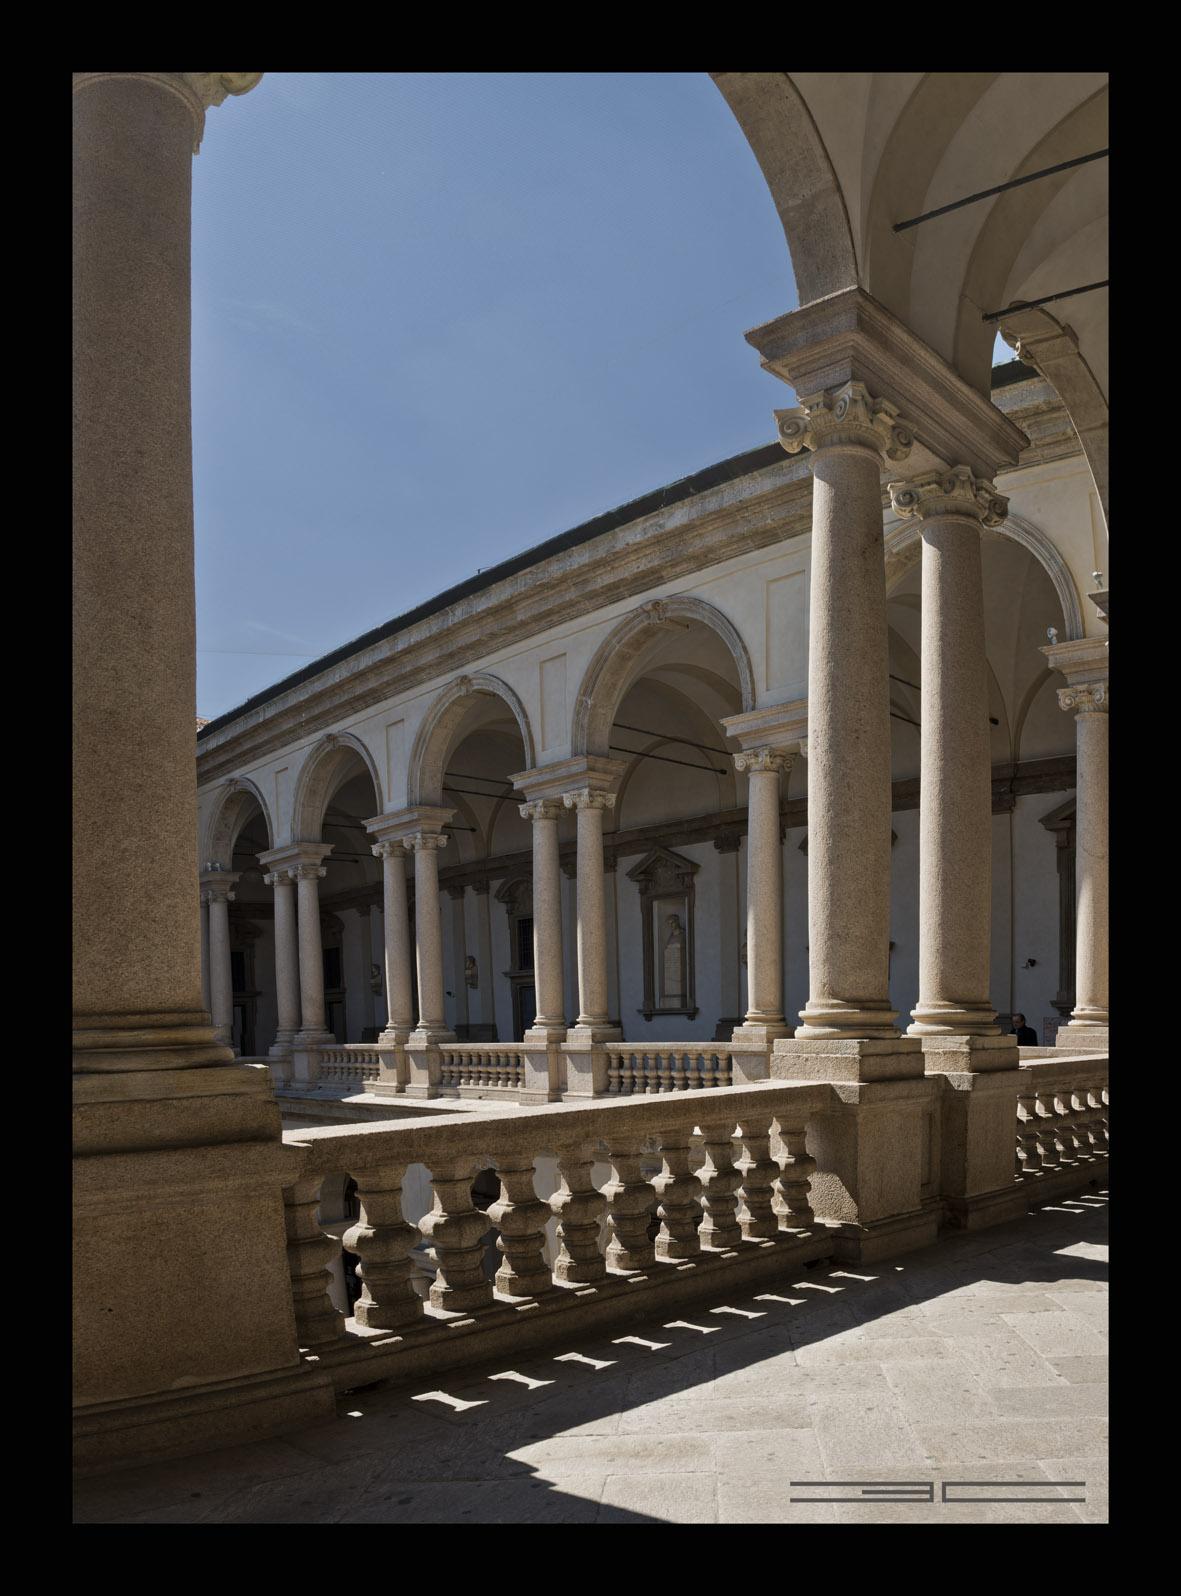 Accademia delle belle arti brera i by emilio casini on for Accademia belle arti design